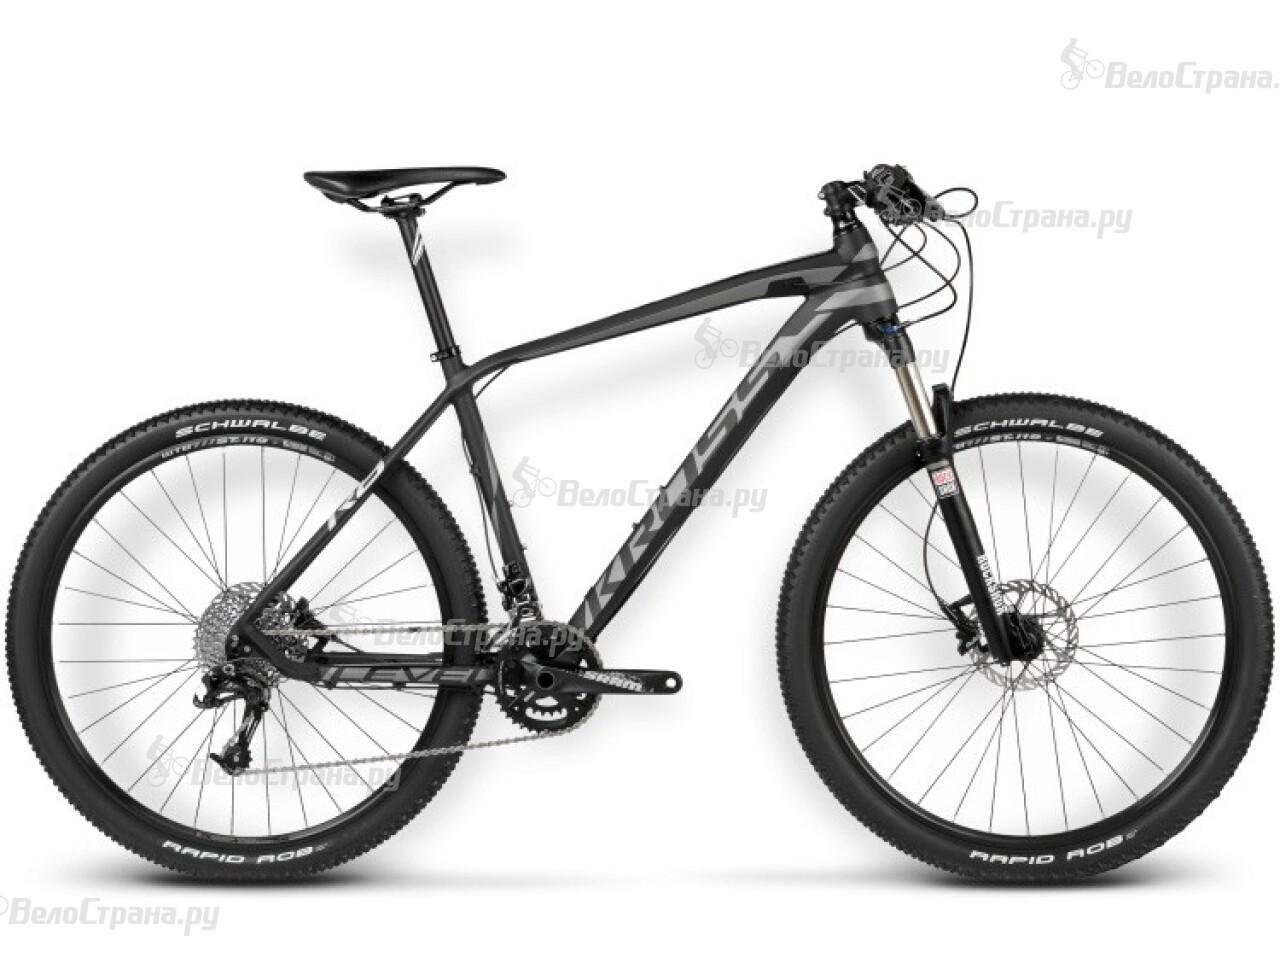 Велосипед Kross Level R8 (2016) велосипед kross level b7 2016